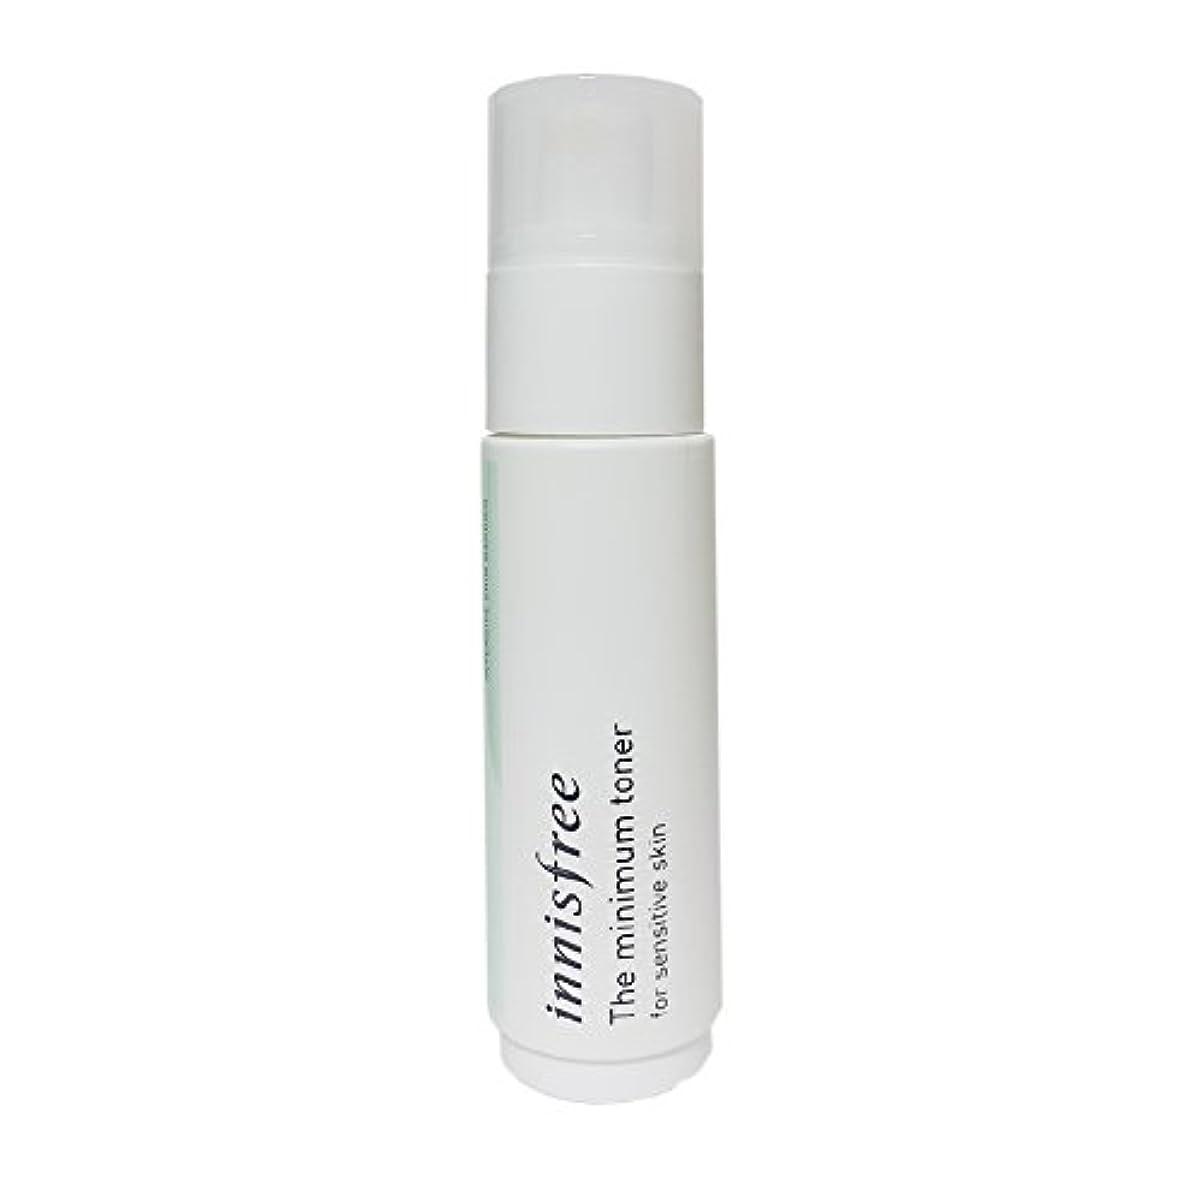 モジュール人気の内陸[イニスフリー] Innisfree ザミニマム トナー敏感肌用(45ml) Innisfree The Minimum Toner For Sensitive Skin(45ml)  [海外直送品]